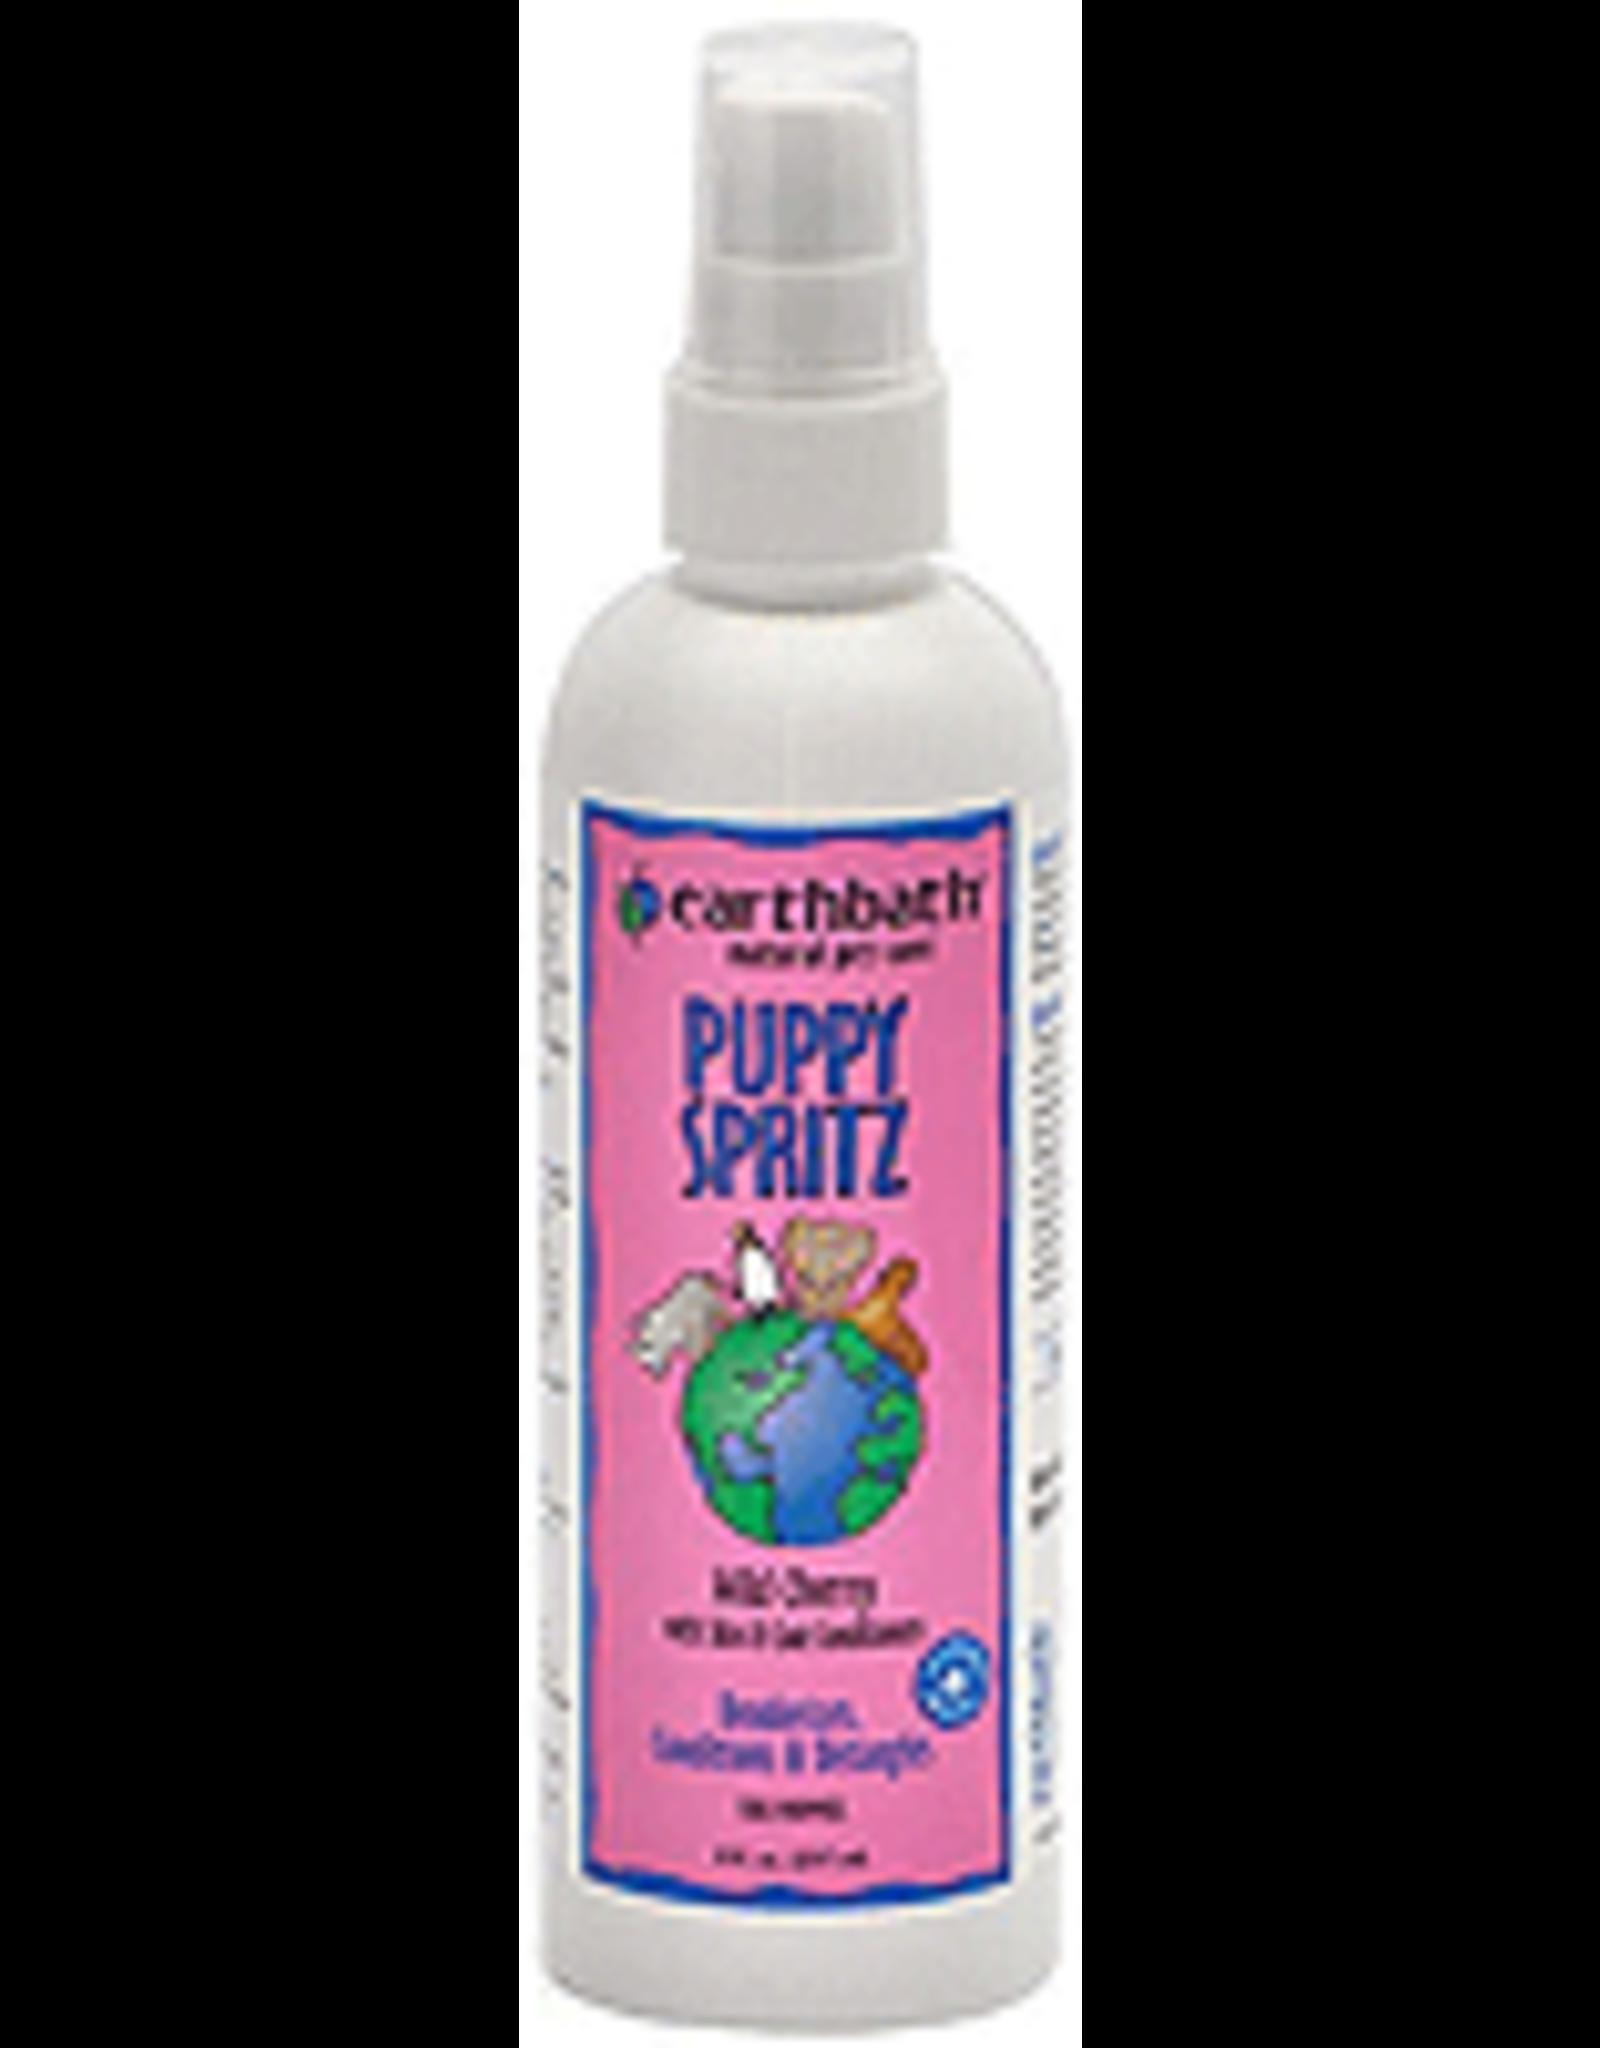 Earthbath EARTHBATH Spritz Puppy 8oz